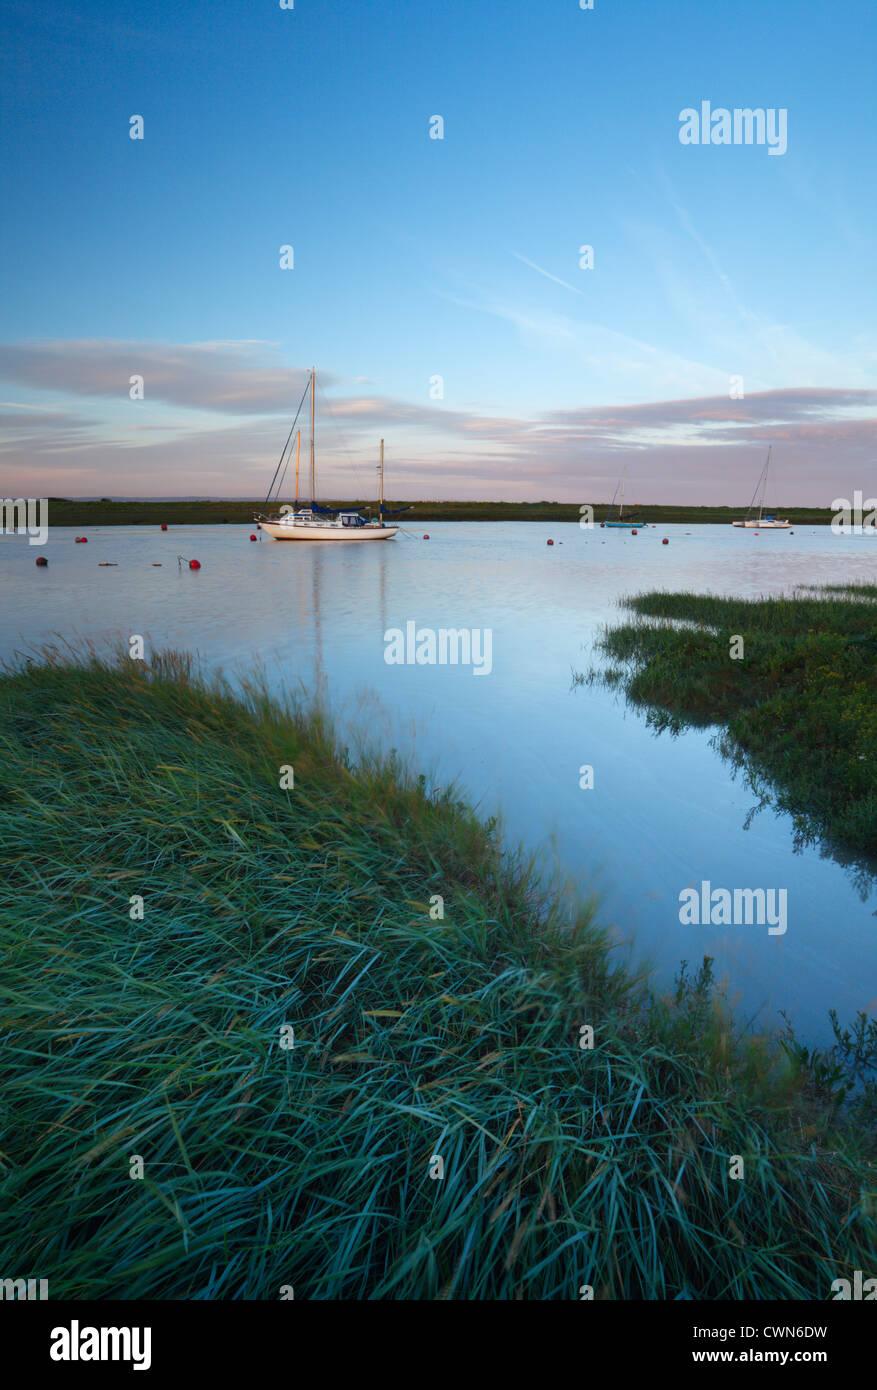 L'estuaire de la rivière Ax à marée haute. Près d'une côte, Somerset. L'Angleterre. Photo Stock